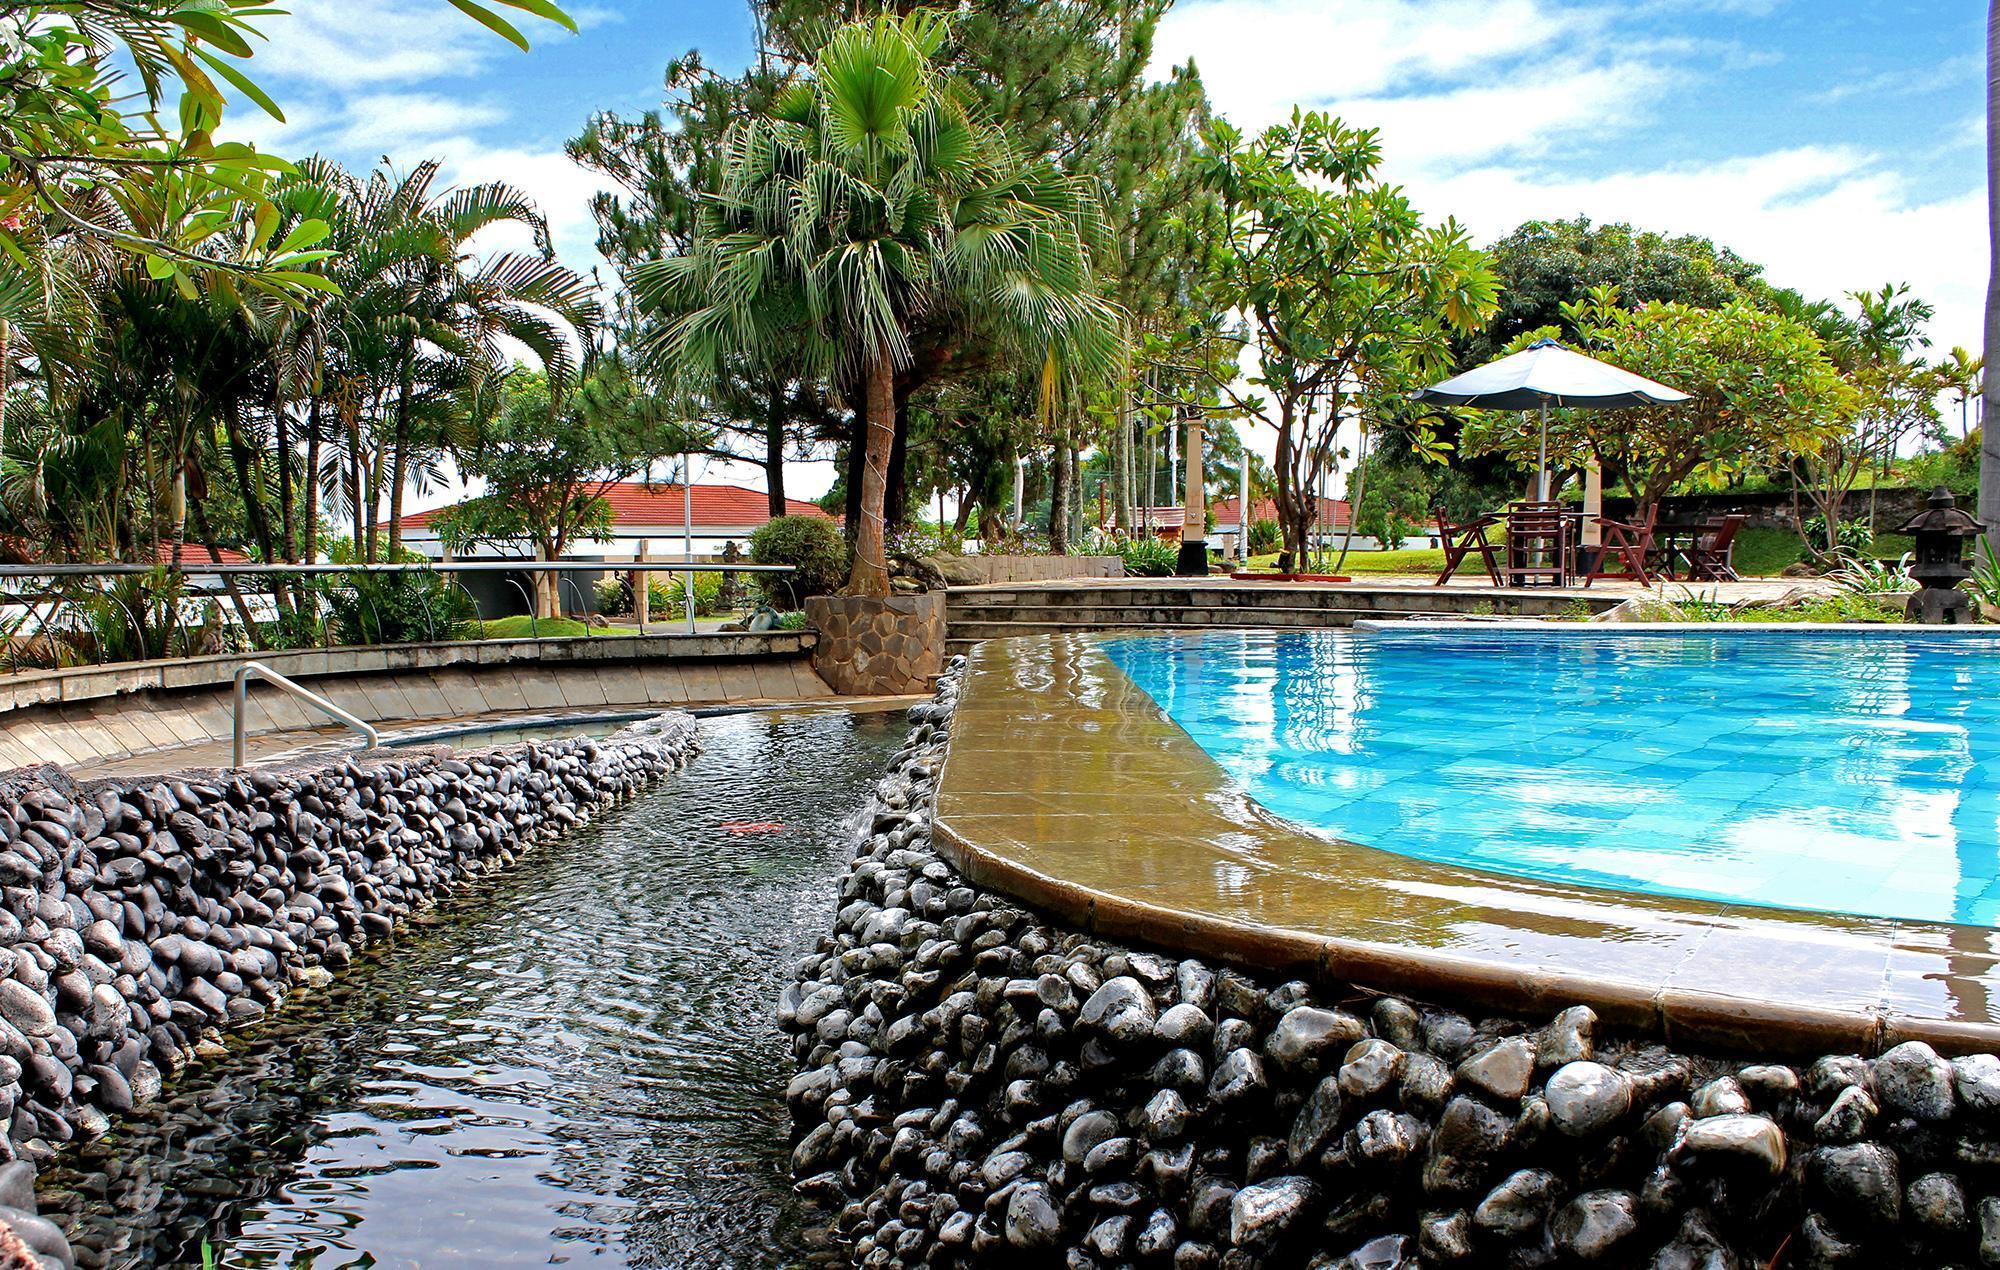 Patra Hotel Convention Semarang Indonesia Jaminan Harga